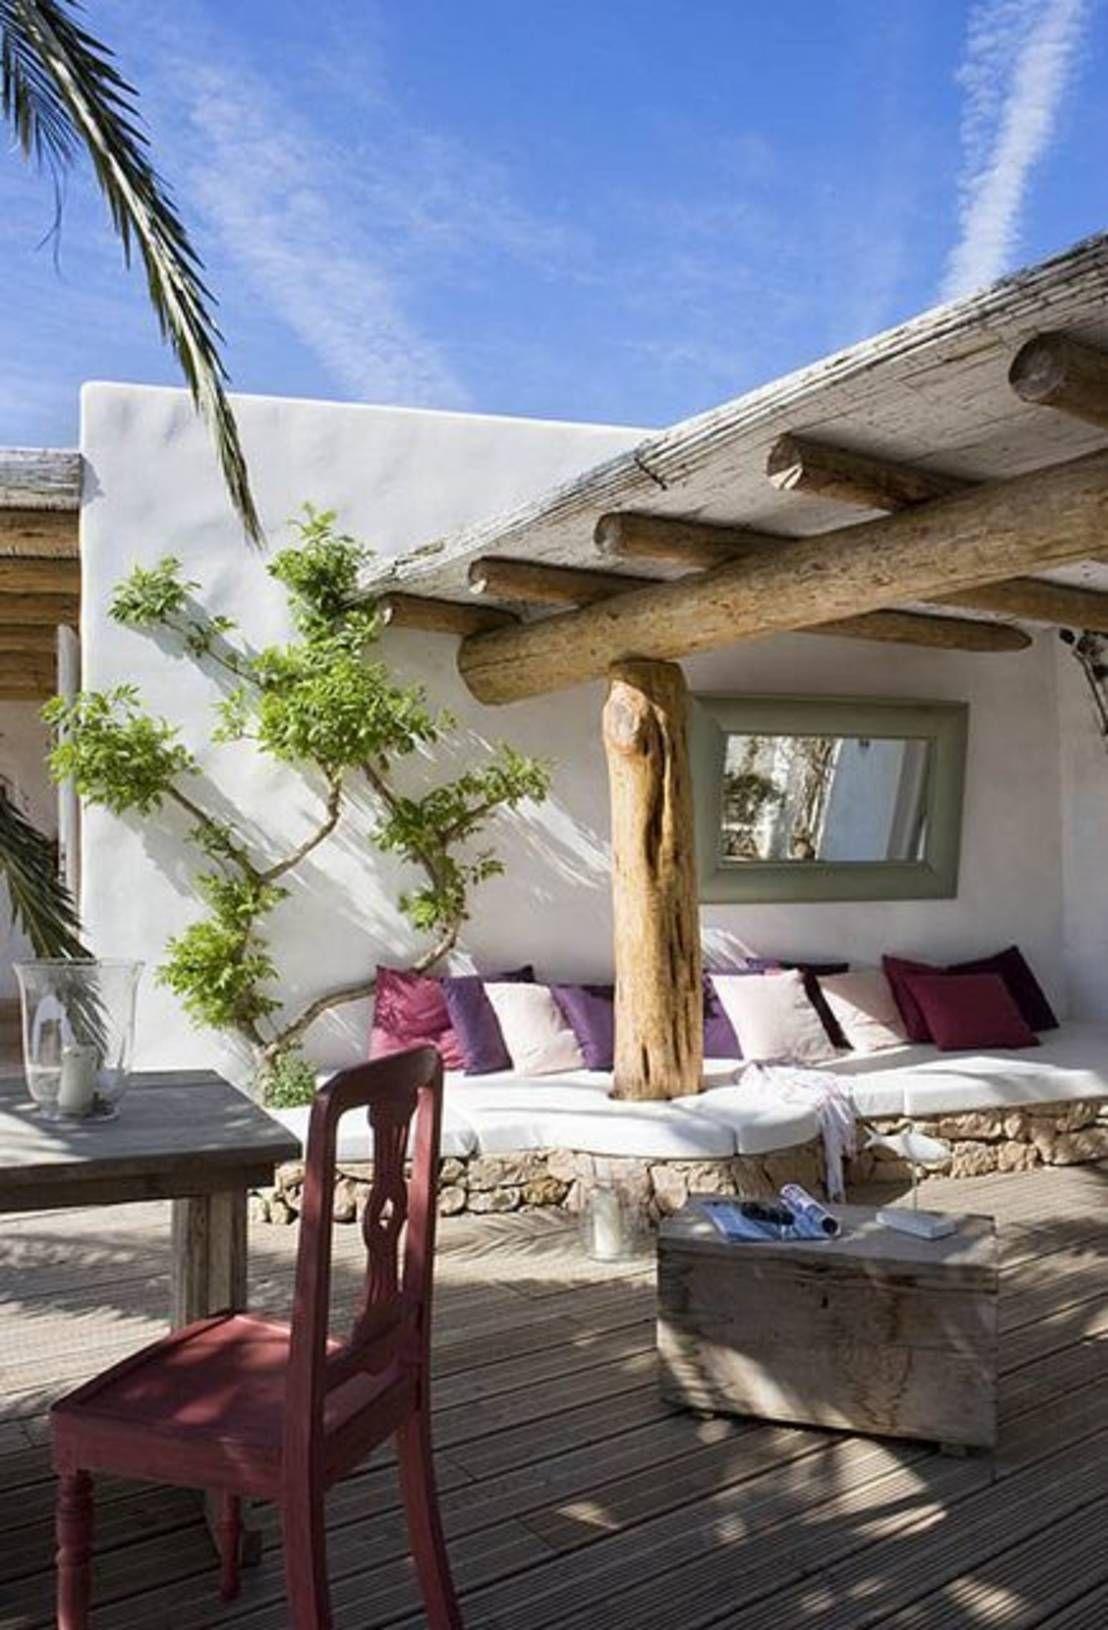 Le coperture per terrazzi: in città o in vacanza | Città, Design e ...